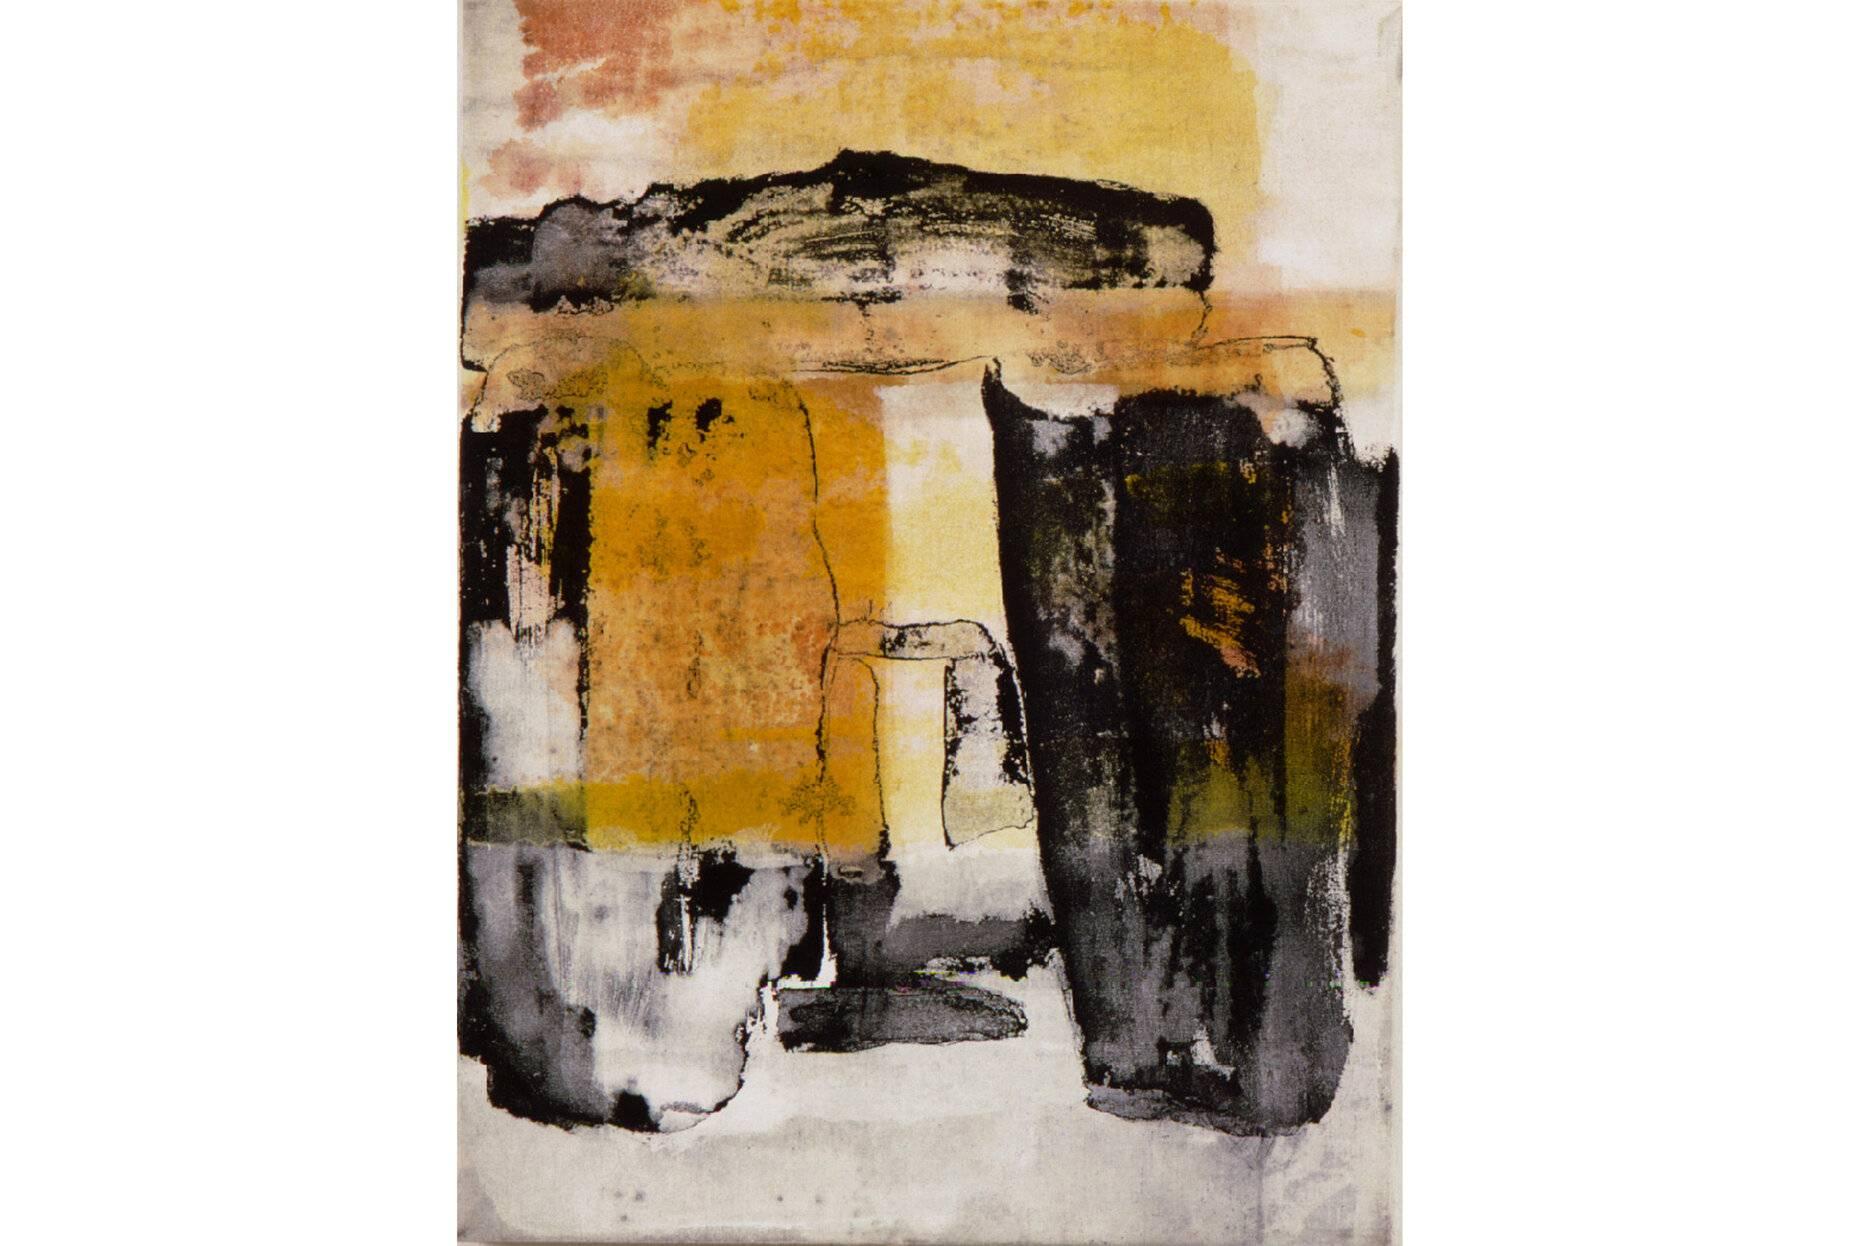 Interieur vorgeschichtlich I 2000 Acrylfarbe a/Nessel 40 x 30 cm